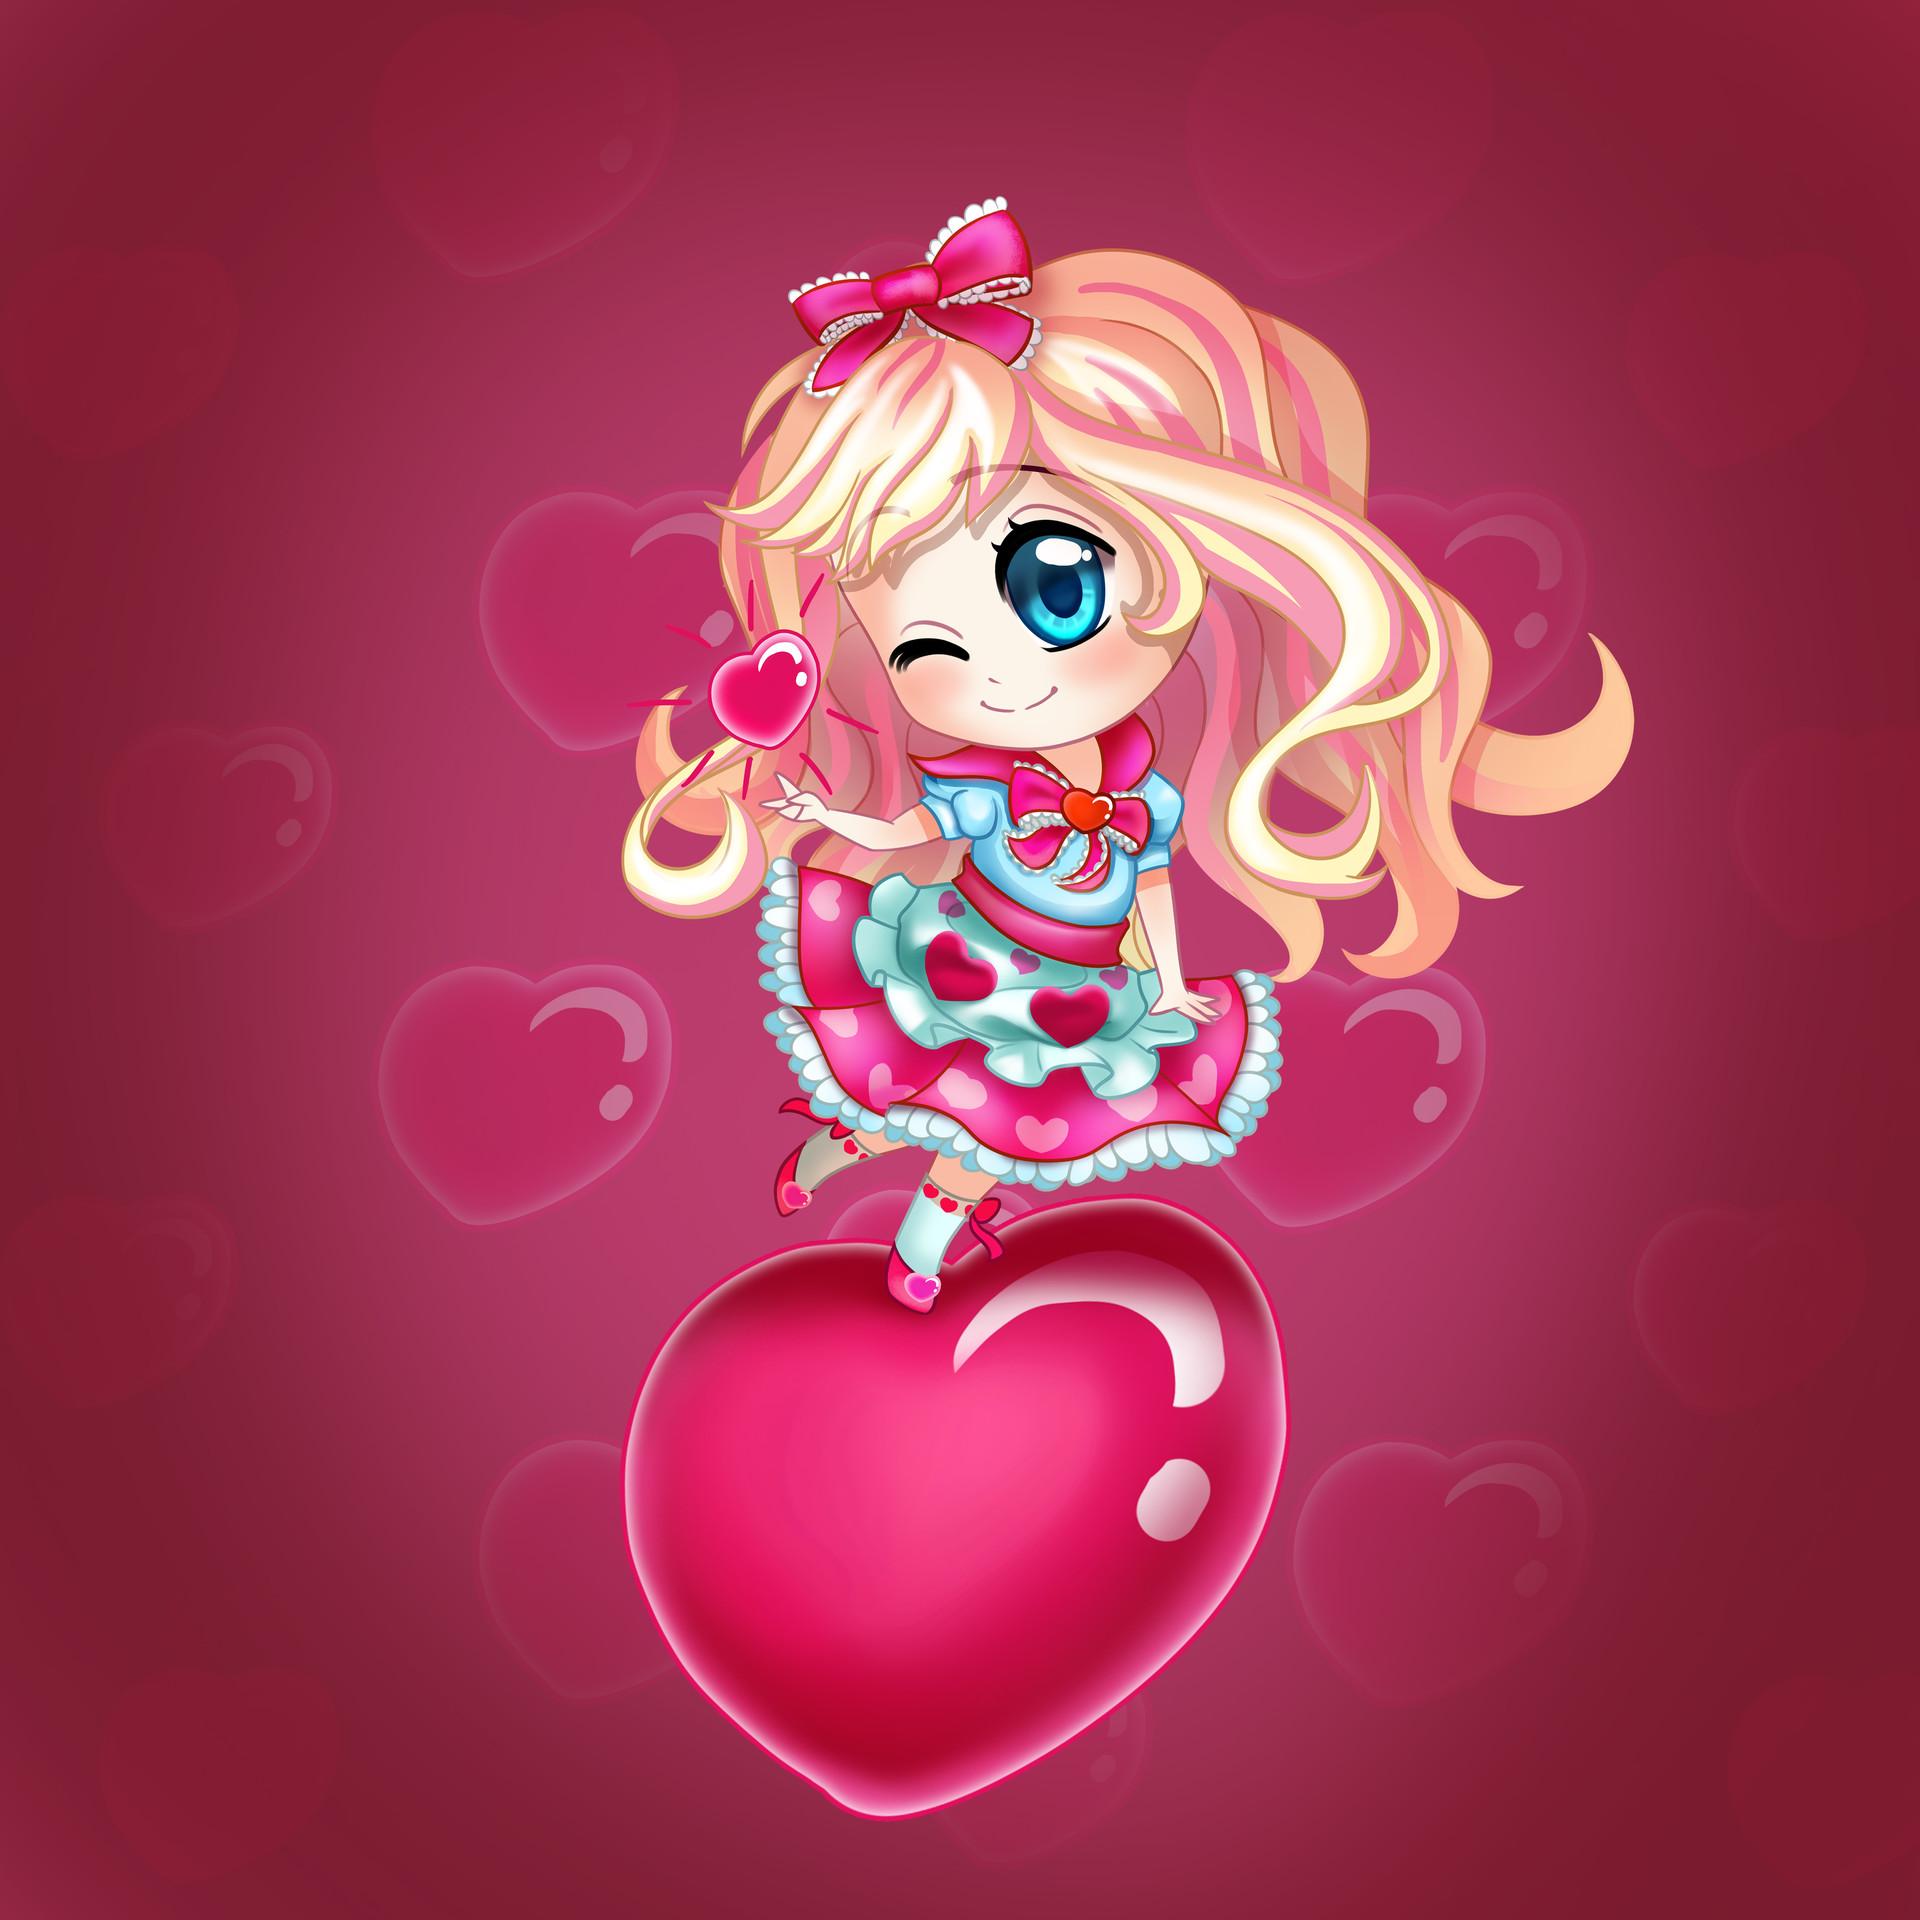 Enna lover chibi 1 3